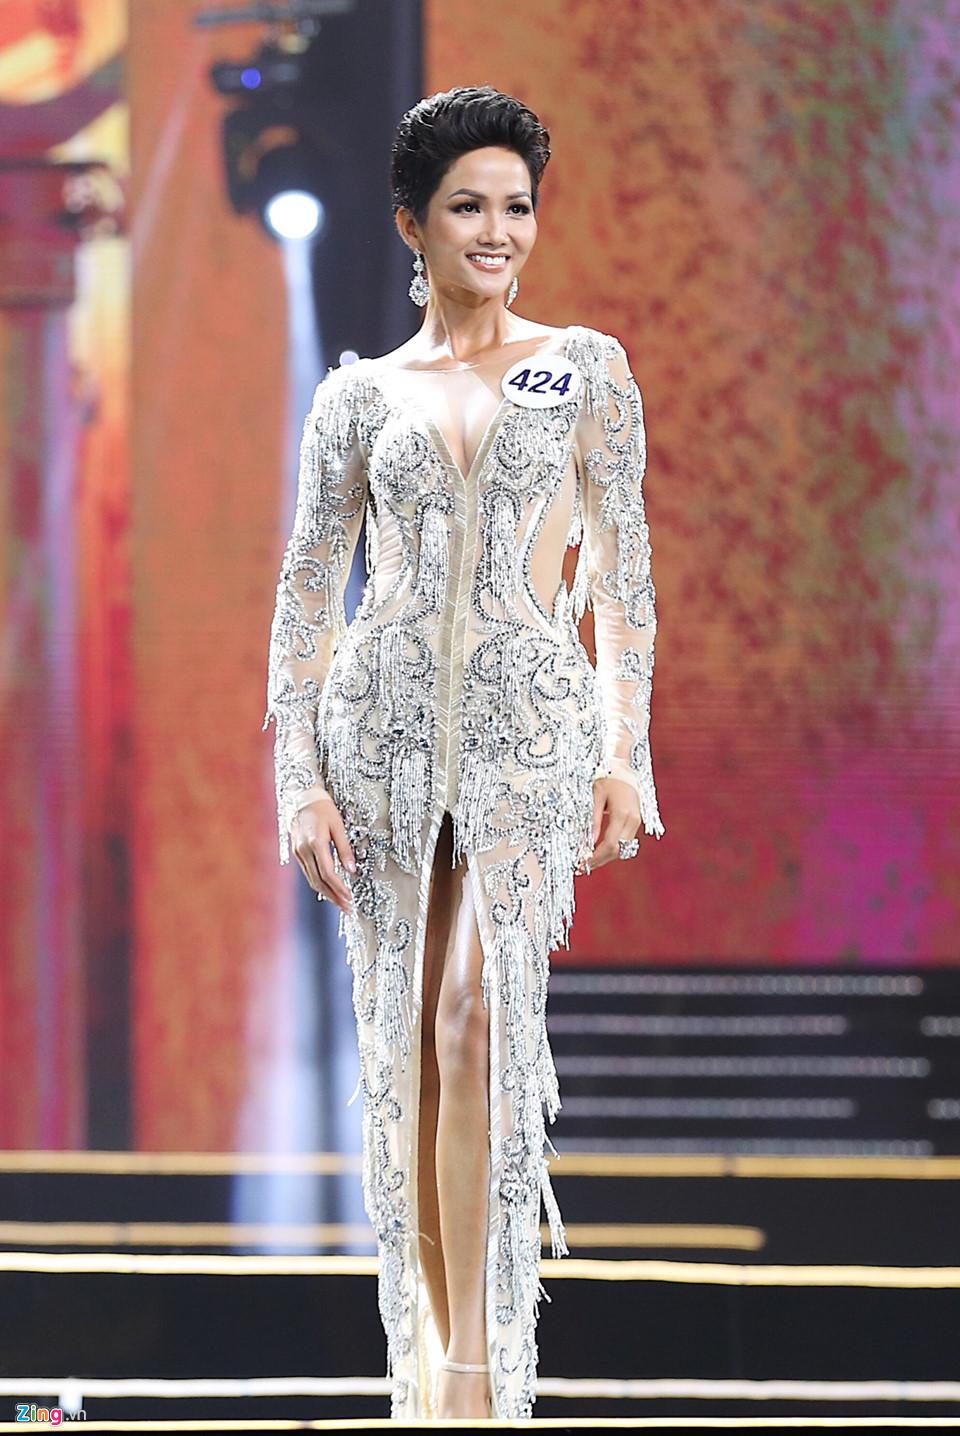 Khi tân Hoa hậu Hoàn vũ Việt Nam bị sỉ nhục vì màu da nâu - Ảnh 3